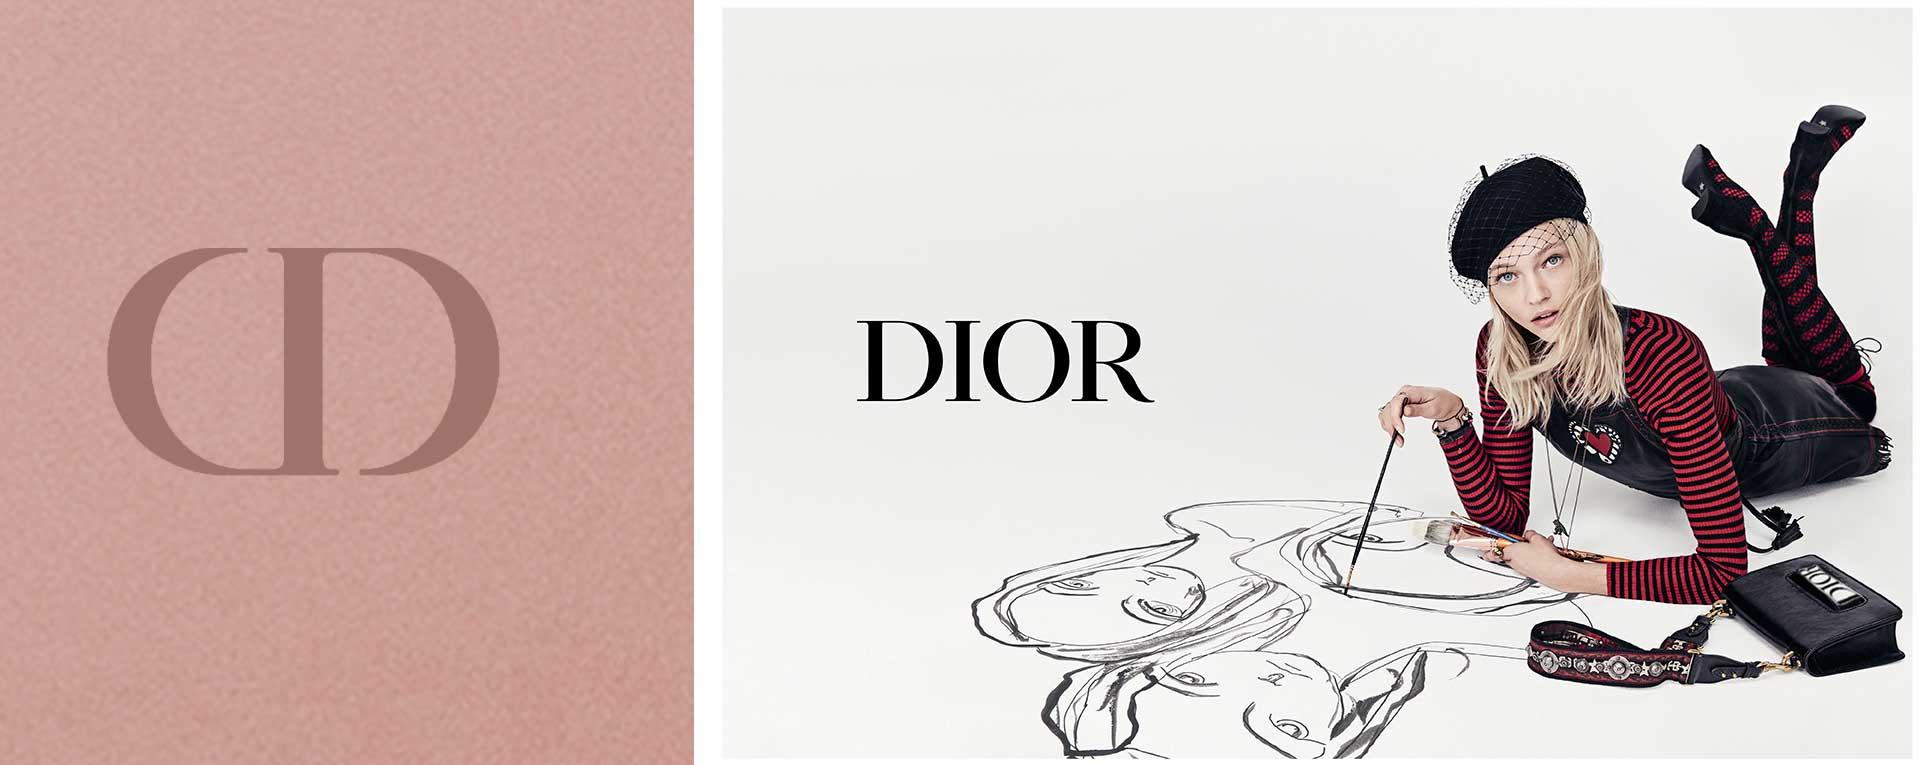 Dior e2 - دیور Dior